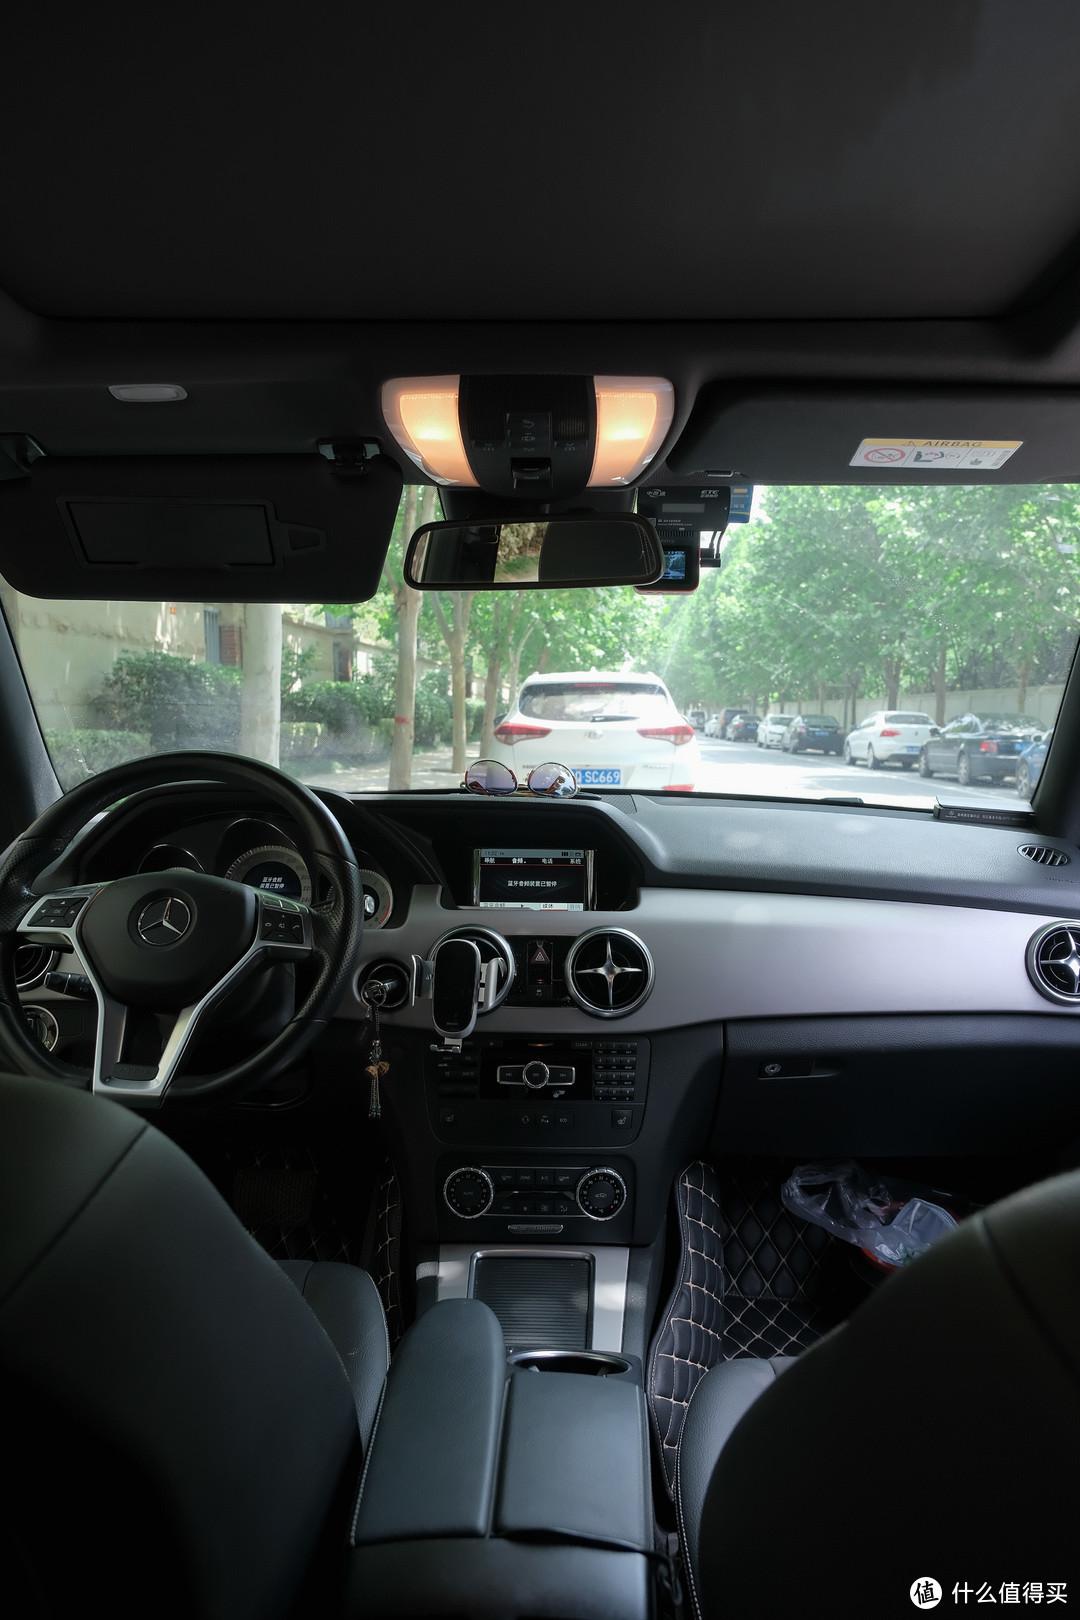 更多的安全感,更多的行车保障--70迈魔方A400行车记录仪众测体验